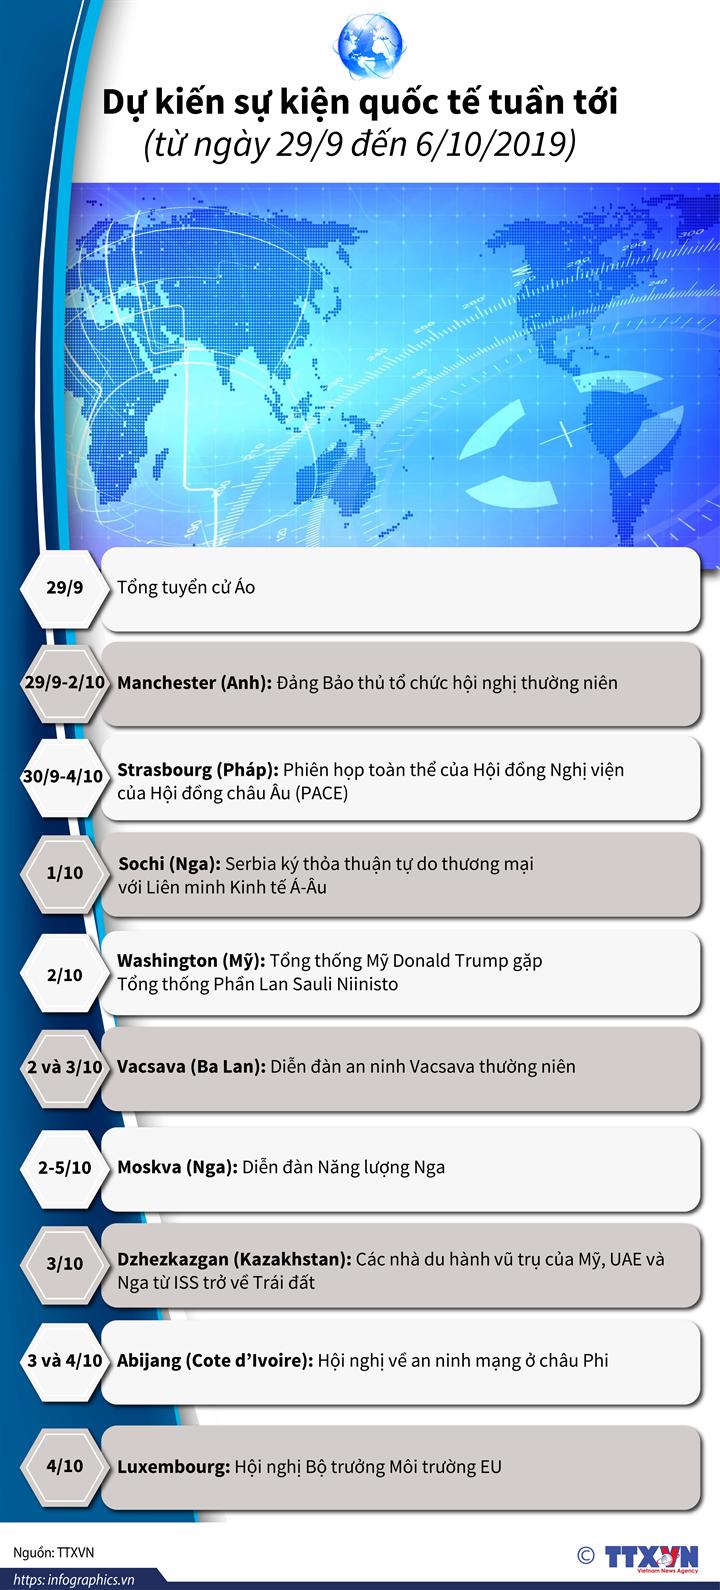 Dự kiến sự kiện quốc tế tuần tới (từ ngày 29/9 đến 6/10/2019)